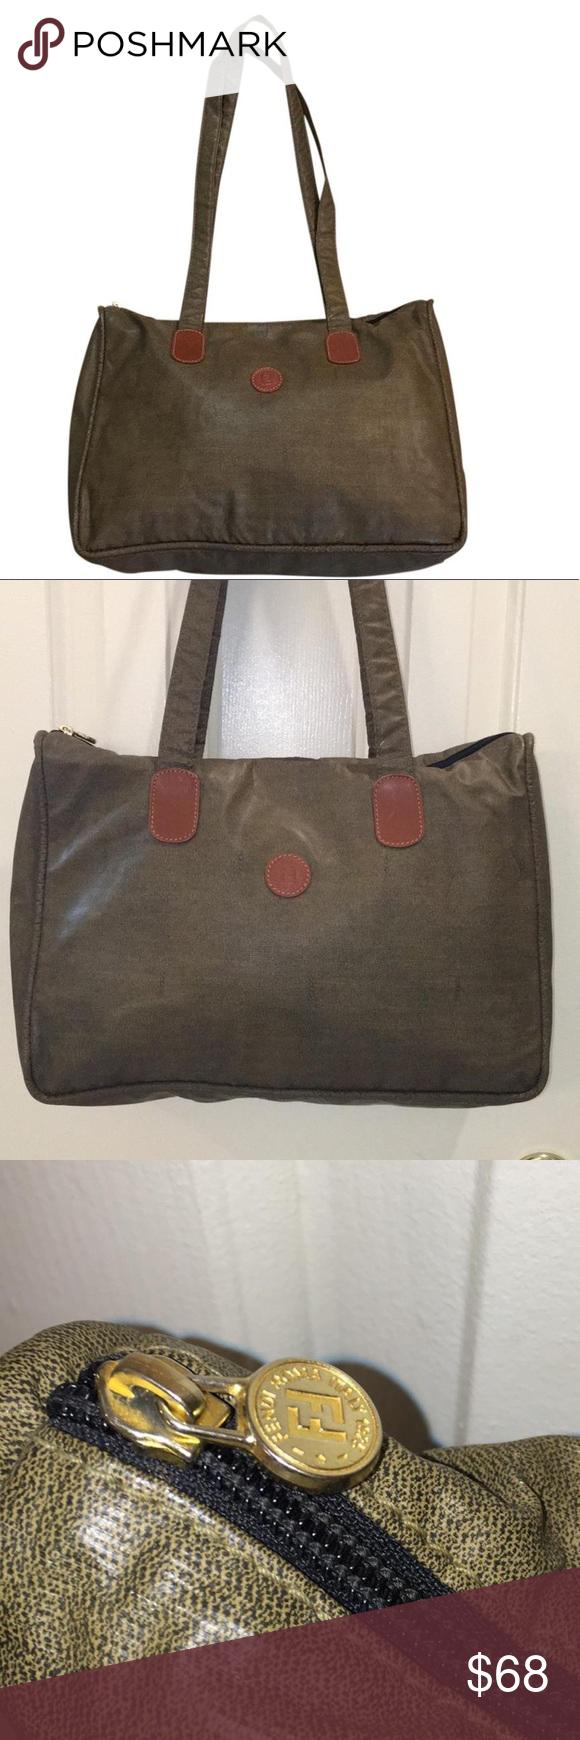 inexpensive vintage fendi tote bag d0d32 721f8 40540e6e87